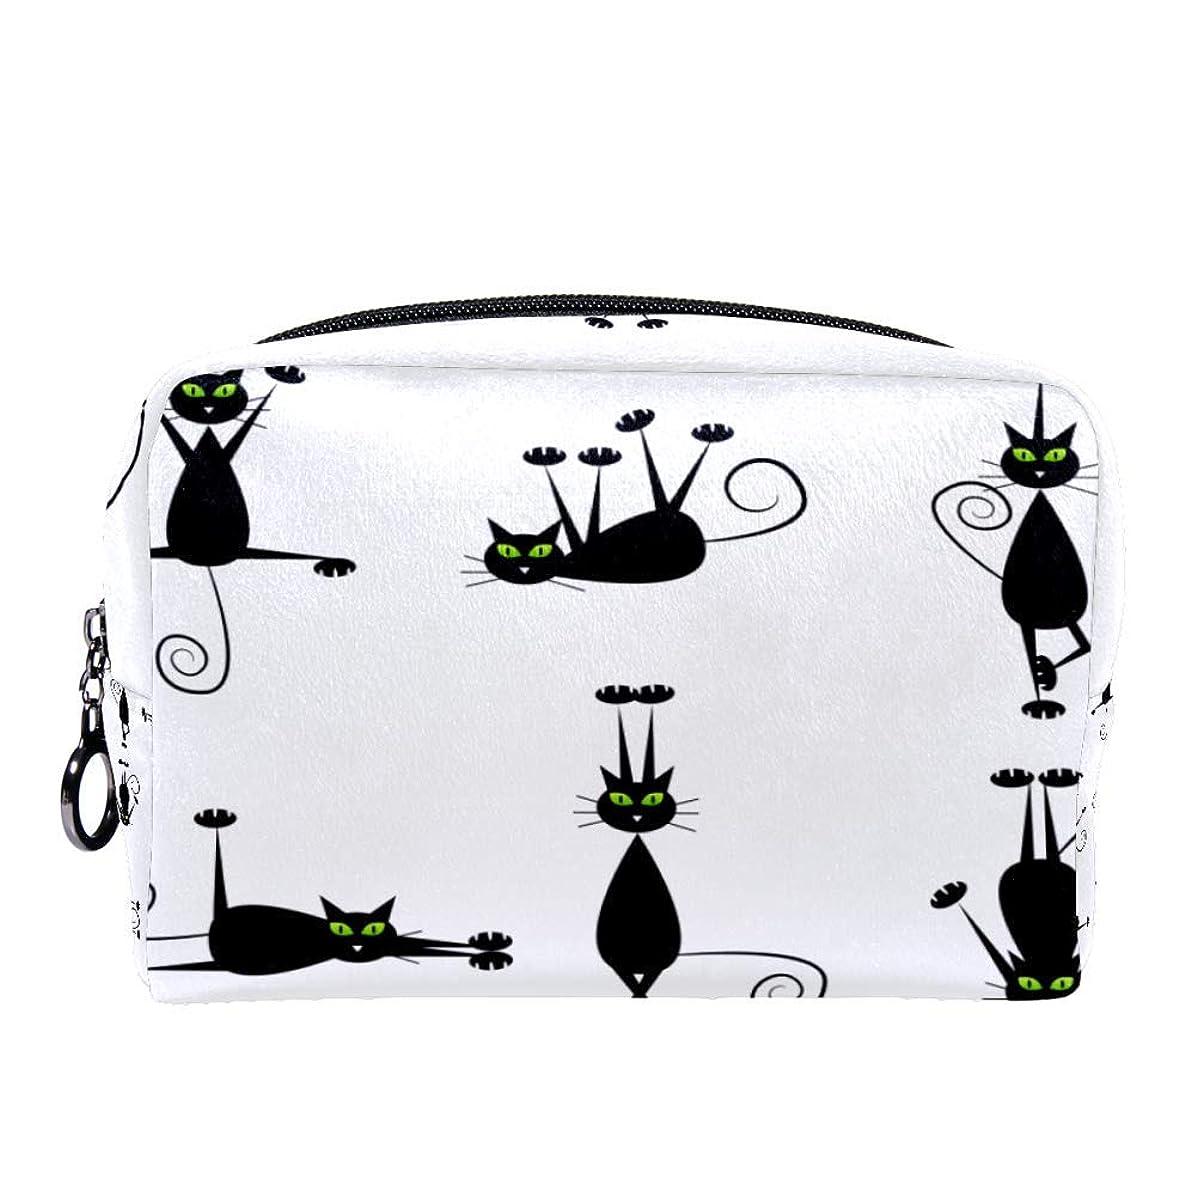 神経評決ブレーキDragon Sword 化粧ポーチ レディース 黒い 猫柄 コスメポーチ メイクポーチ 柔らかい コンパクト 軽量 化粧品収納 小物ポーチ出張 旅行 持ち運び便利